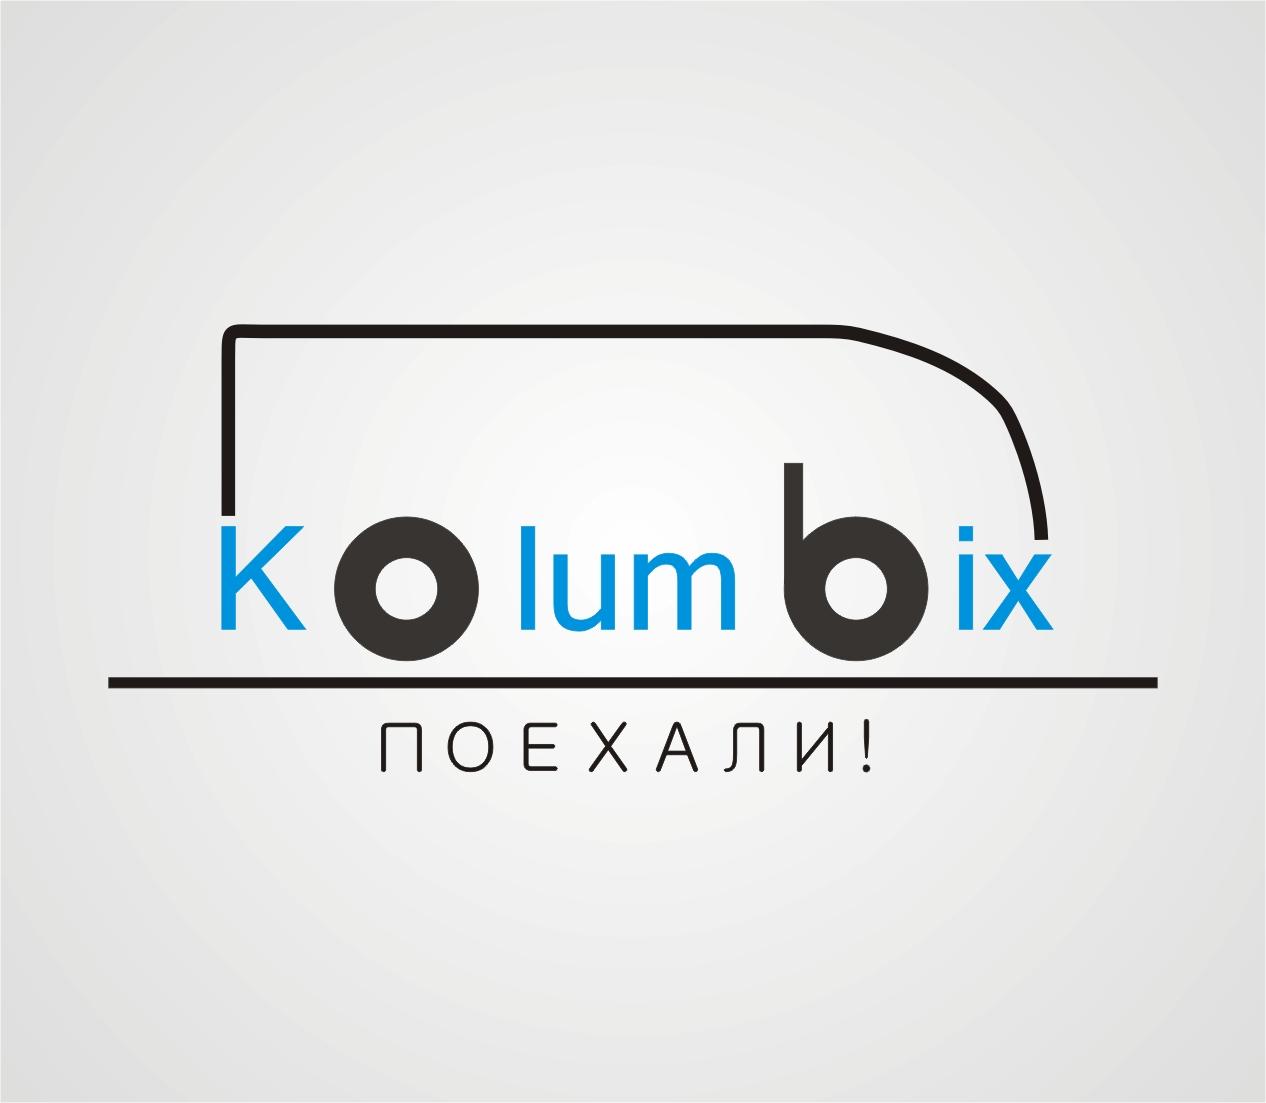 Создание логотипа для туристической фирмы Kolumbix фото f_4fb3b2825ac7b.jpg